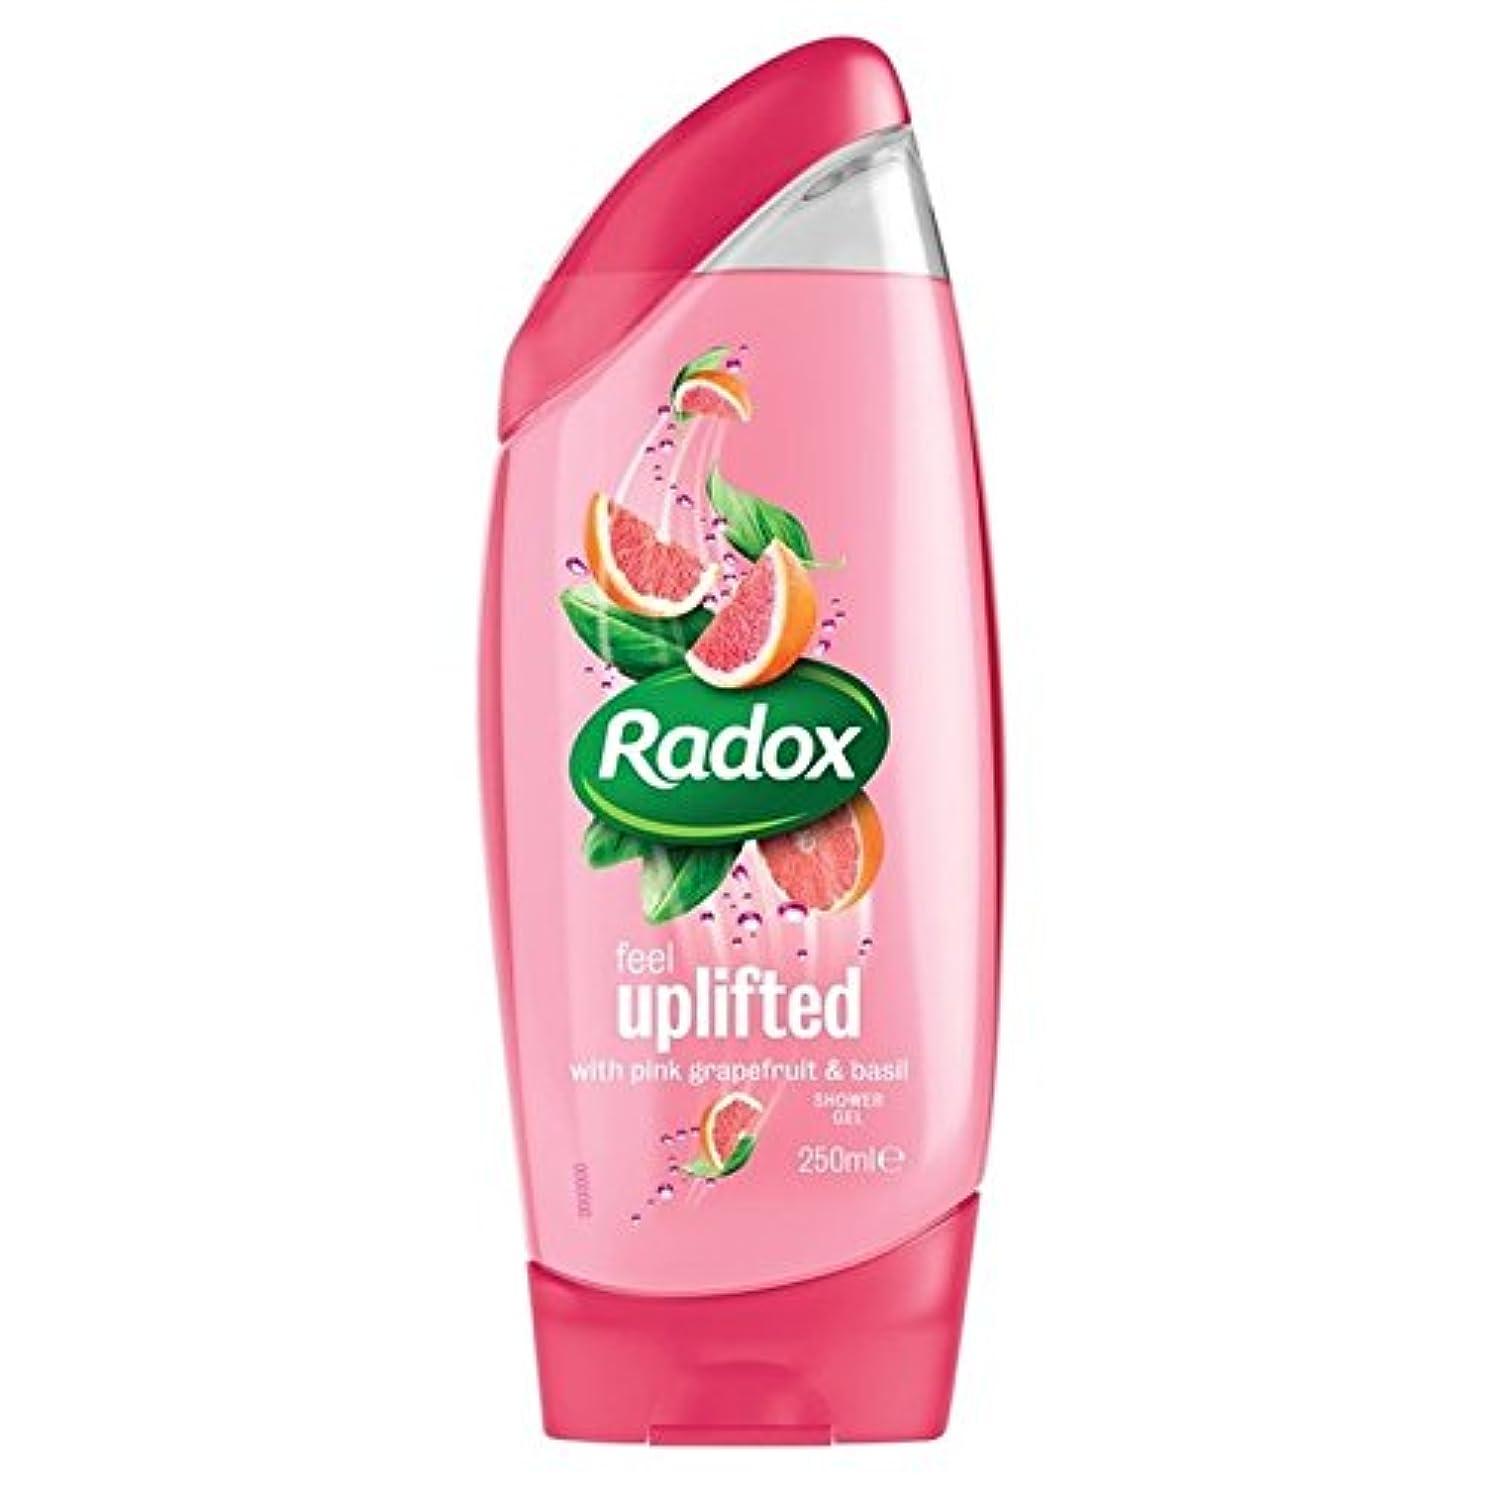 拡声器防衛オズワルドRadox Grapefruit Uplifting Shower Gel 250ml (Pack of 6) - グレープフルーツ高揚シャワージェル250ミリリットル x6 [並行輸入品]